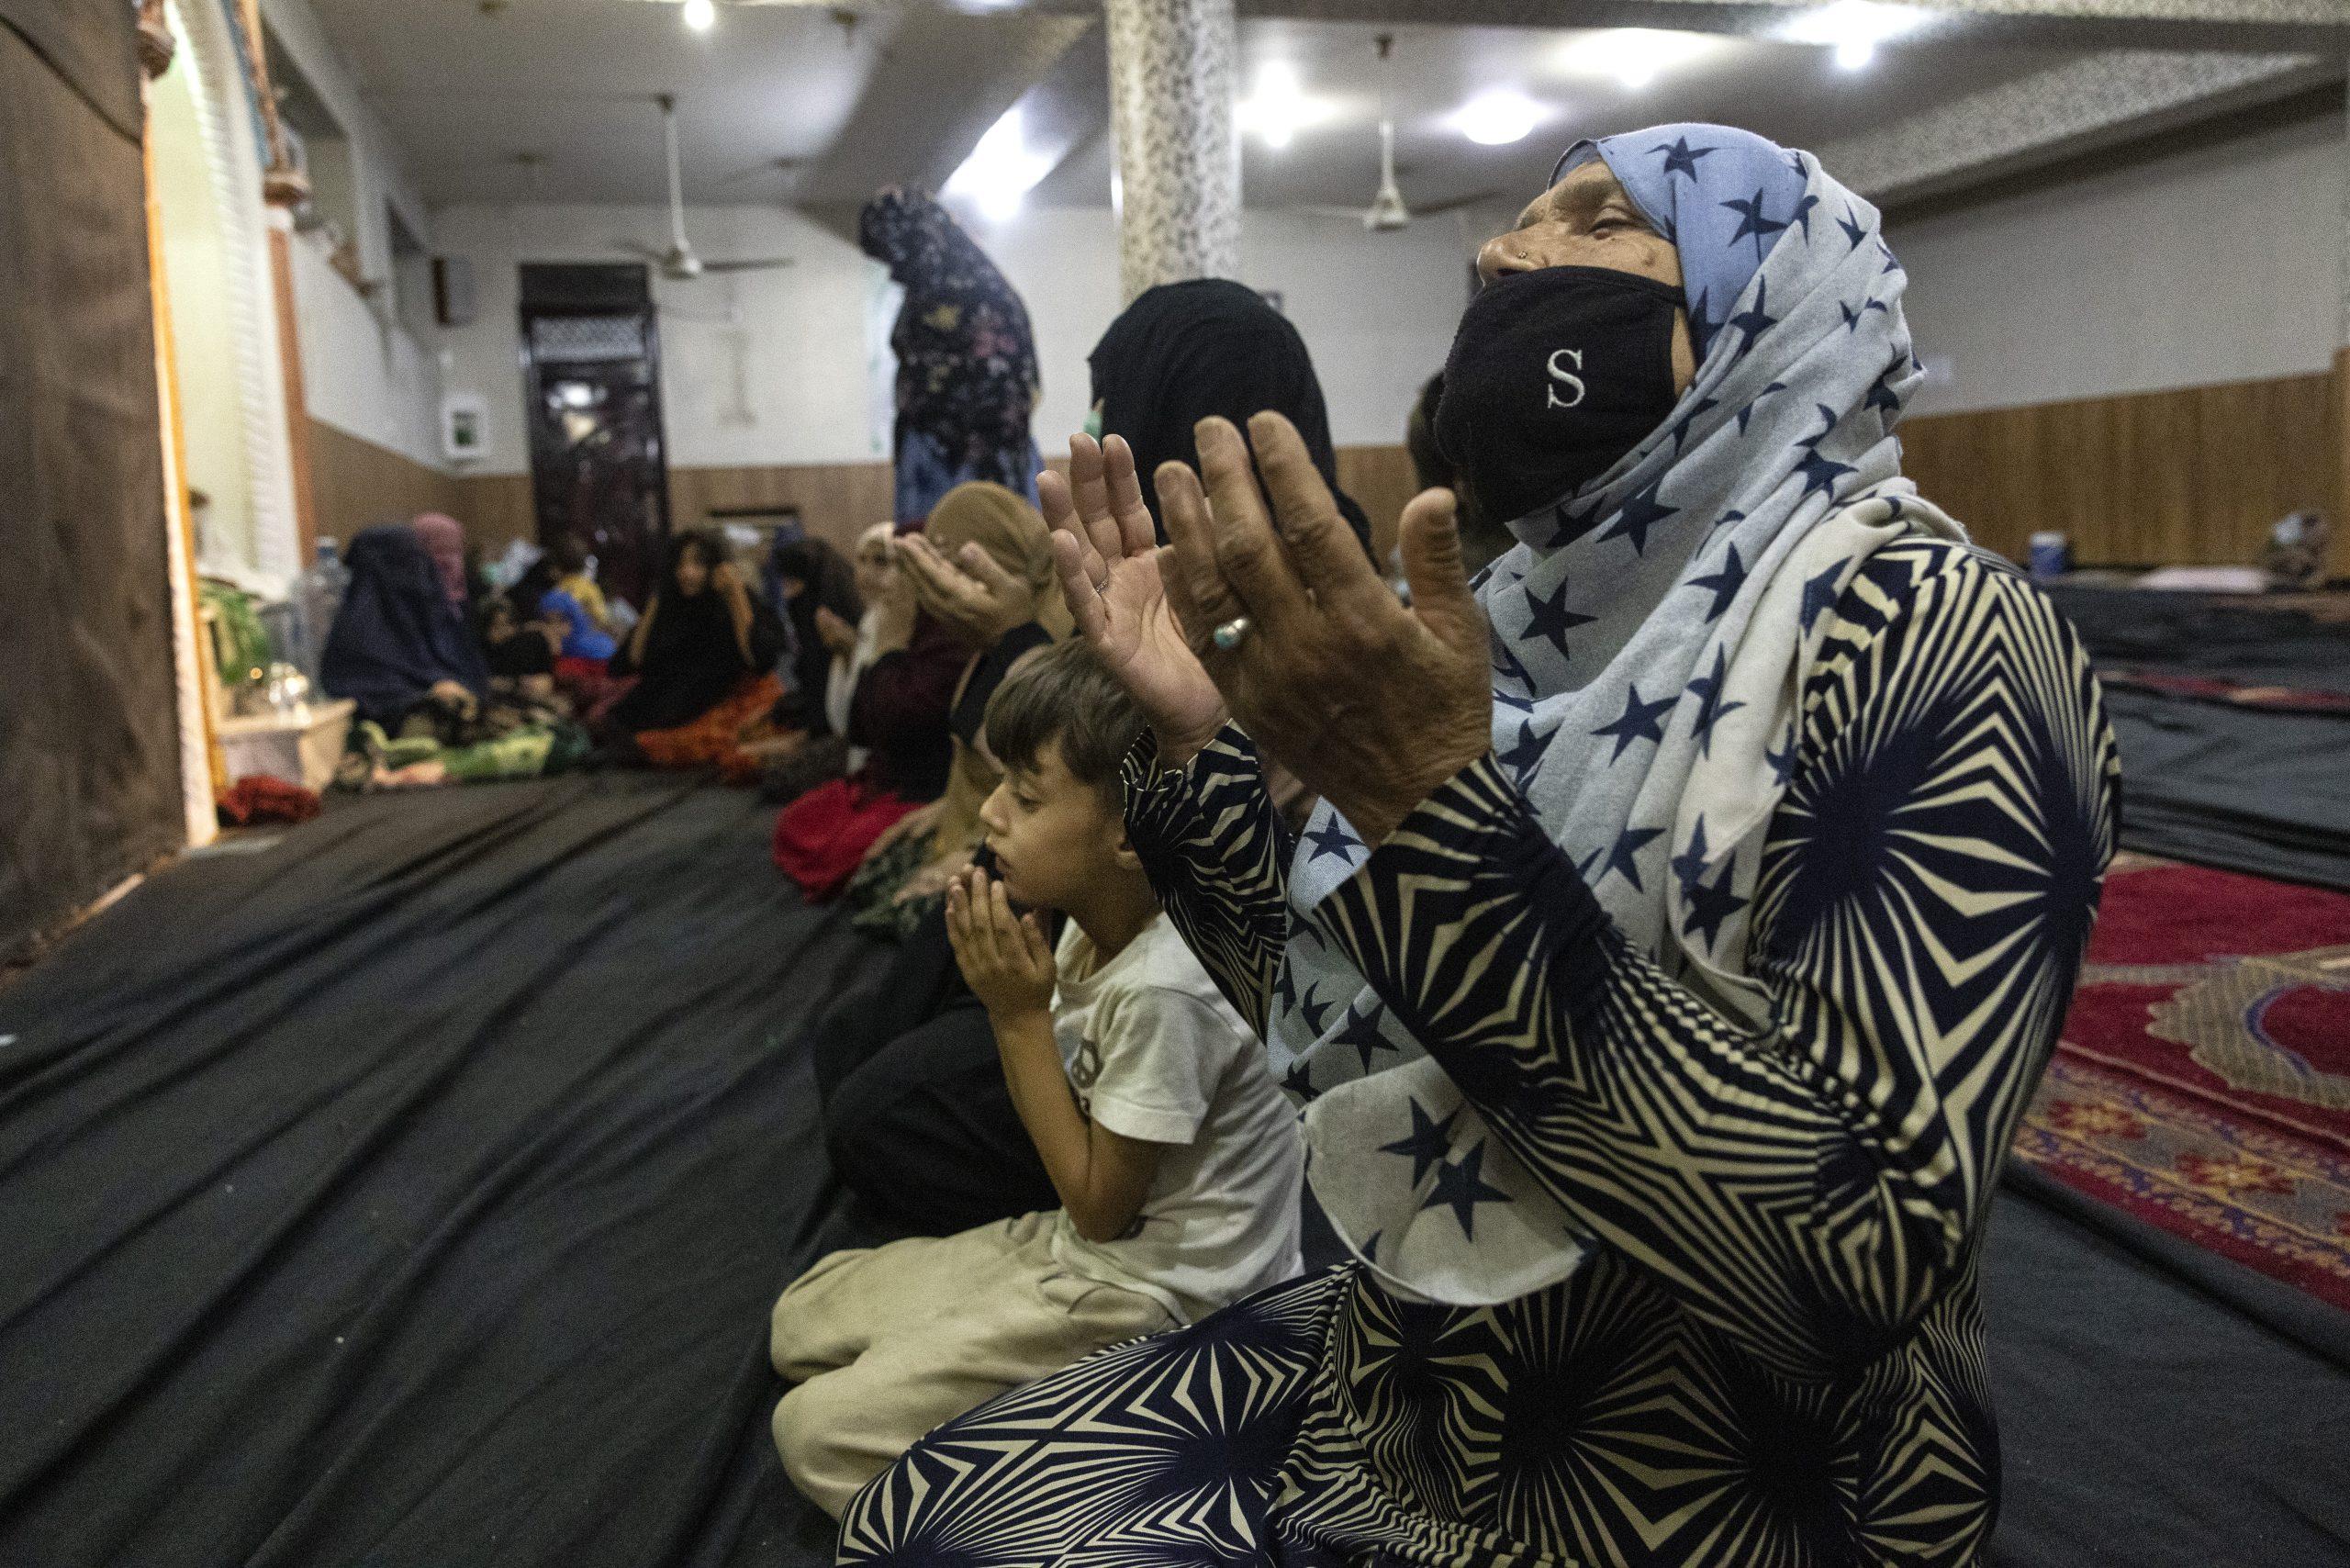 Land Berlin zur Aufnahme von Flüchtlingen aus Afghanistan bereit